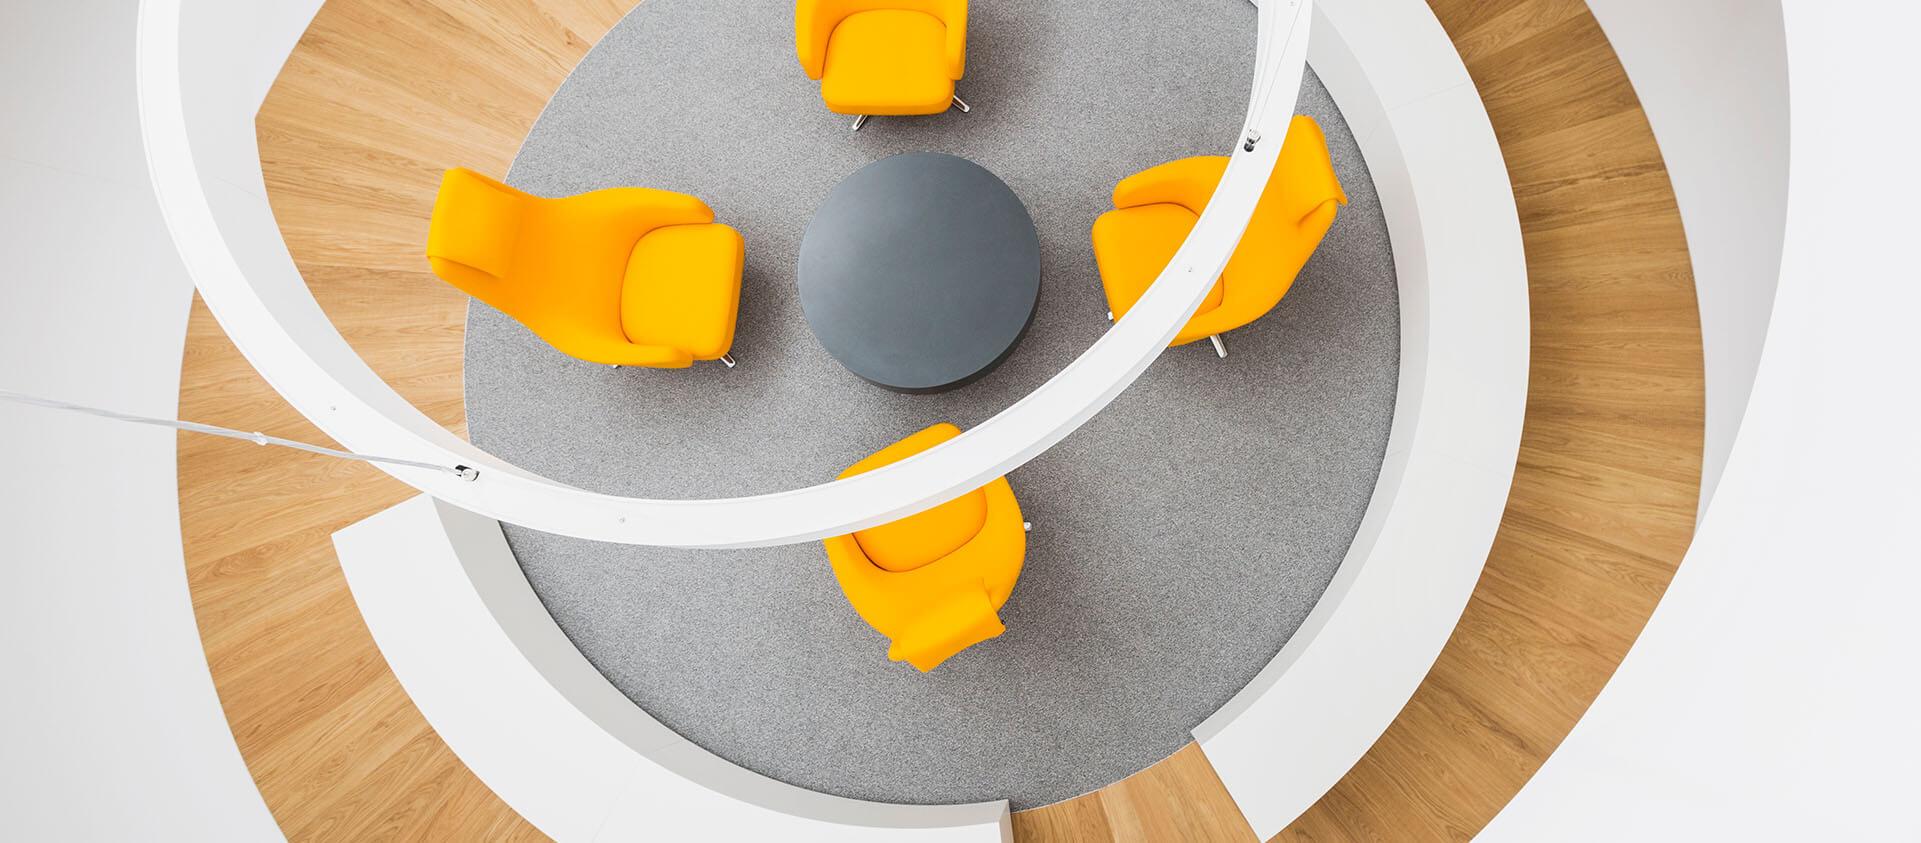 Bürogebäude geplant von Florian + Eberhard Horn, Wartebereich Kunden